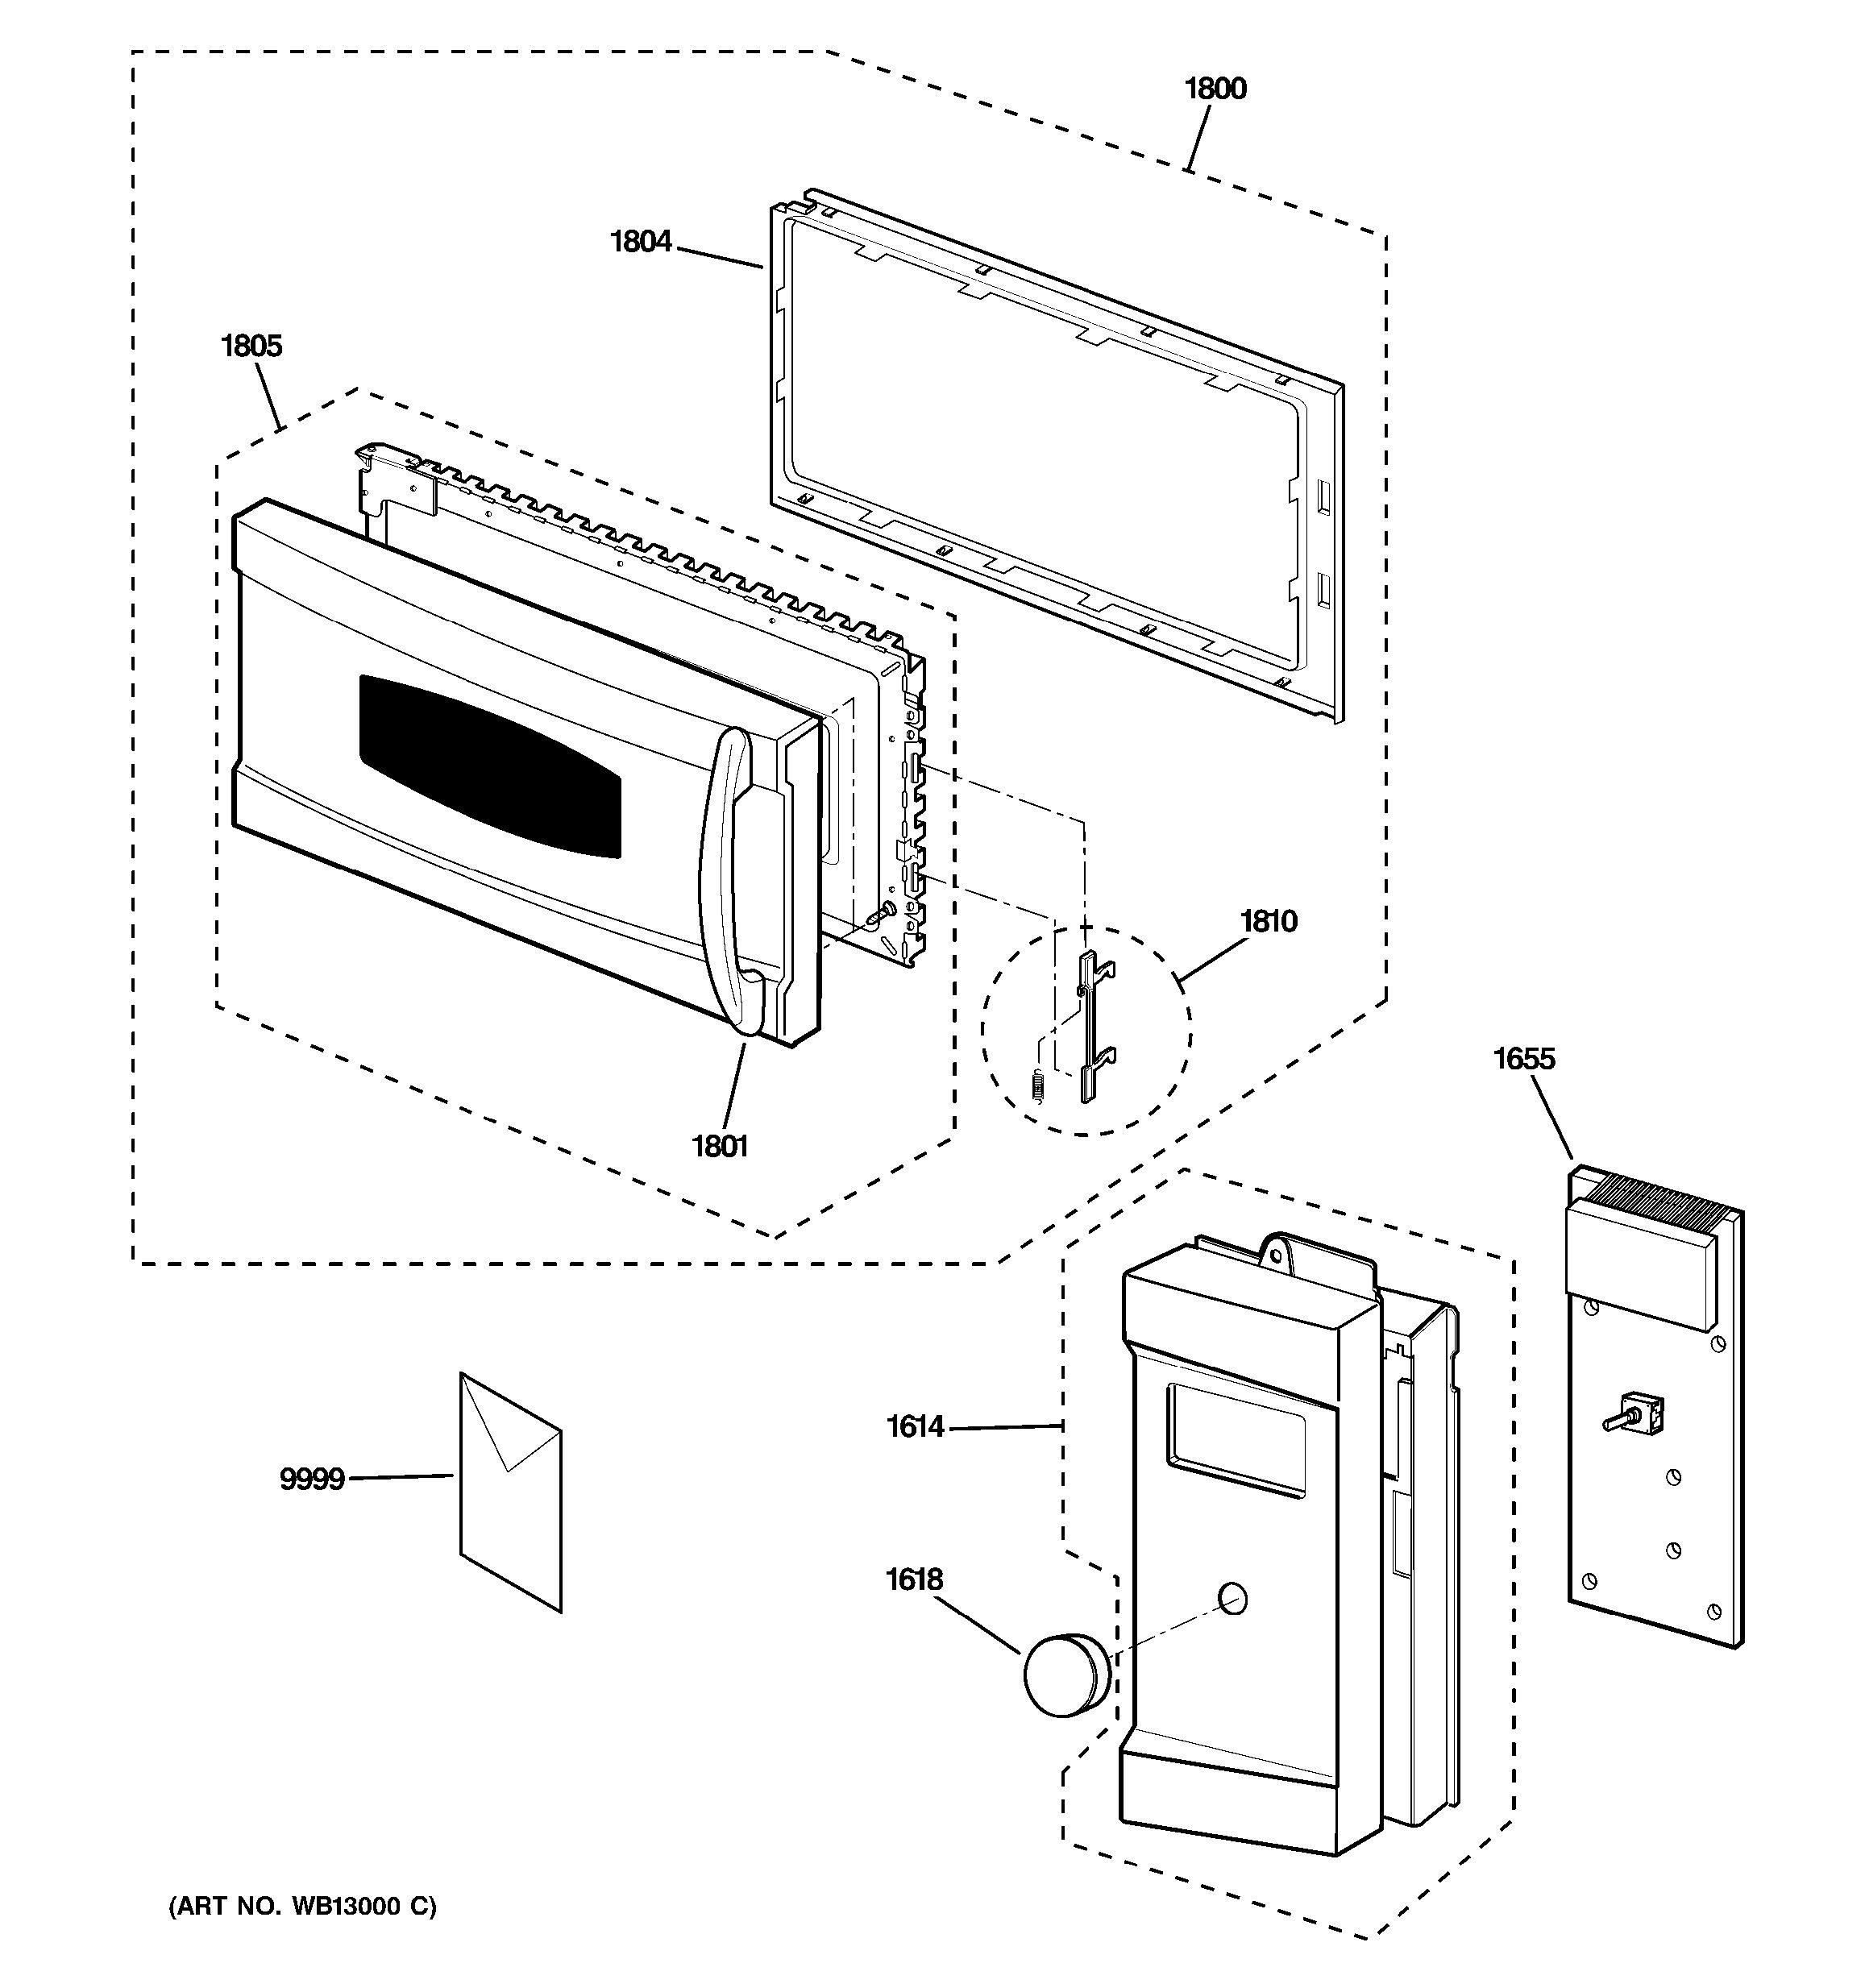 Horton Automatic Door Wiring Diagram Horton Automatic